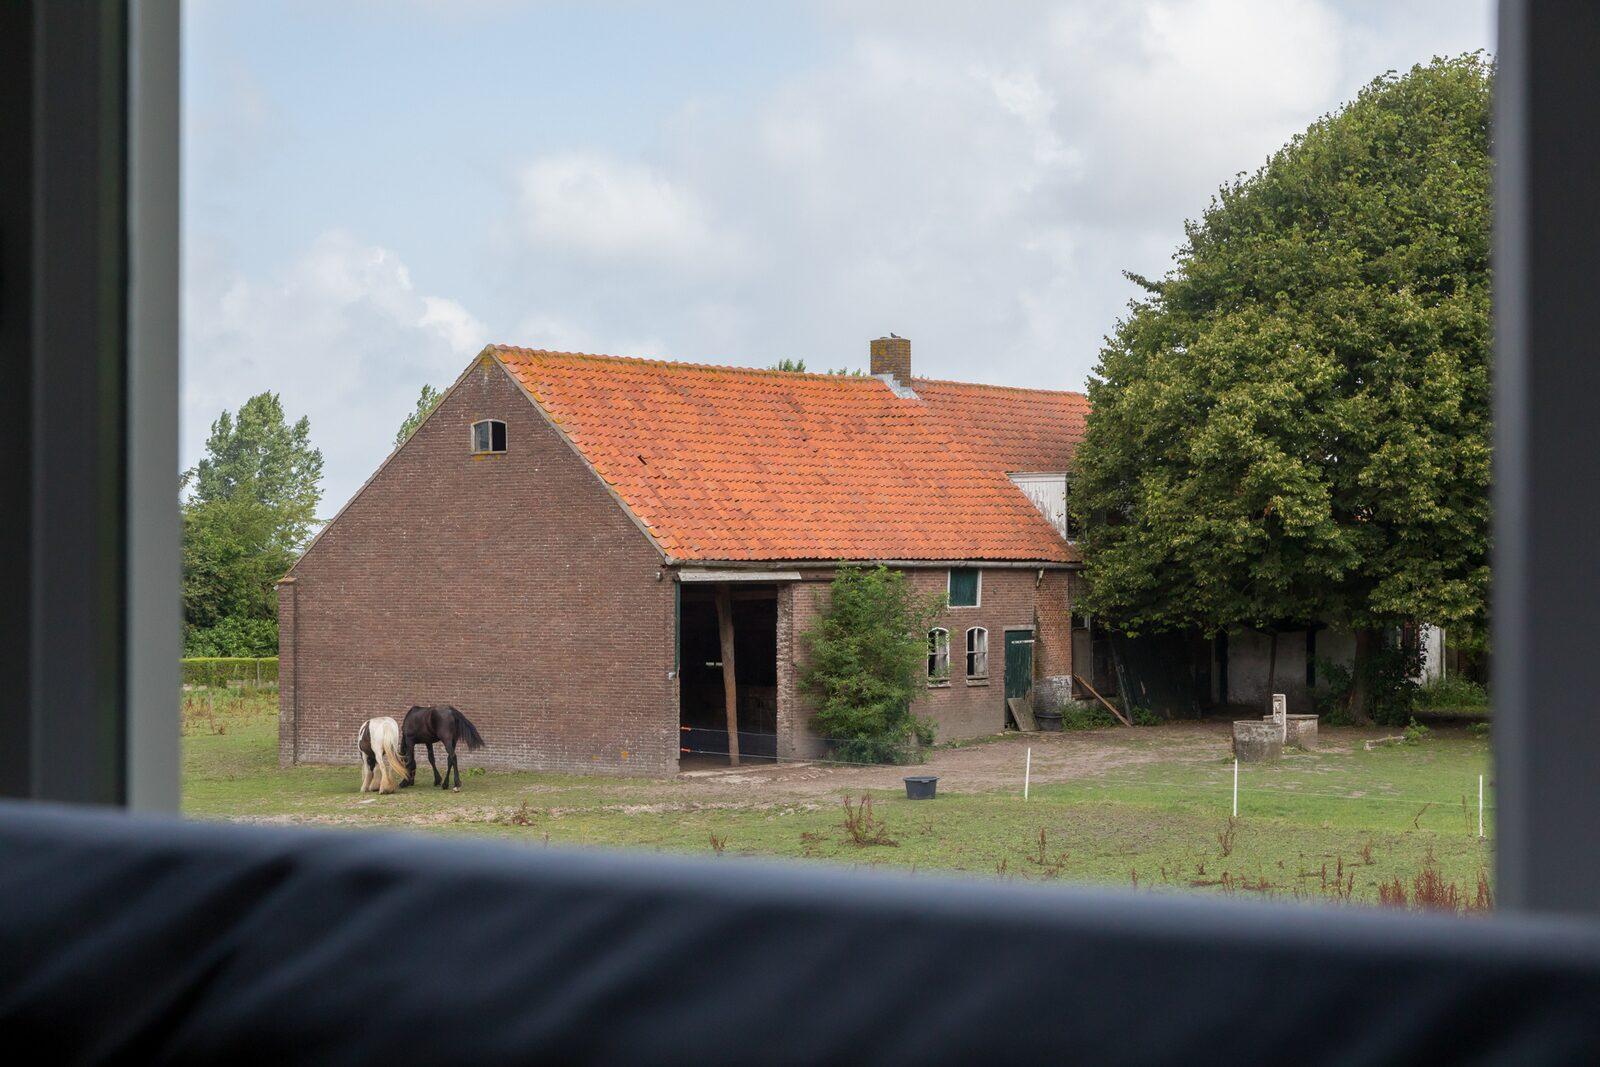 Holidayhouse - Oostkapelseweg 8b | Serooskerke 't Unieke plekje'